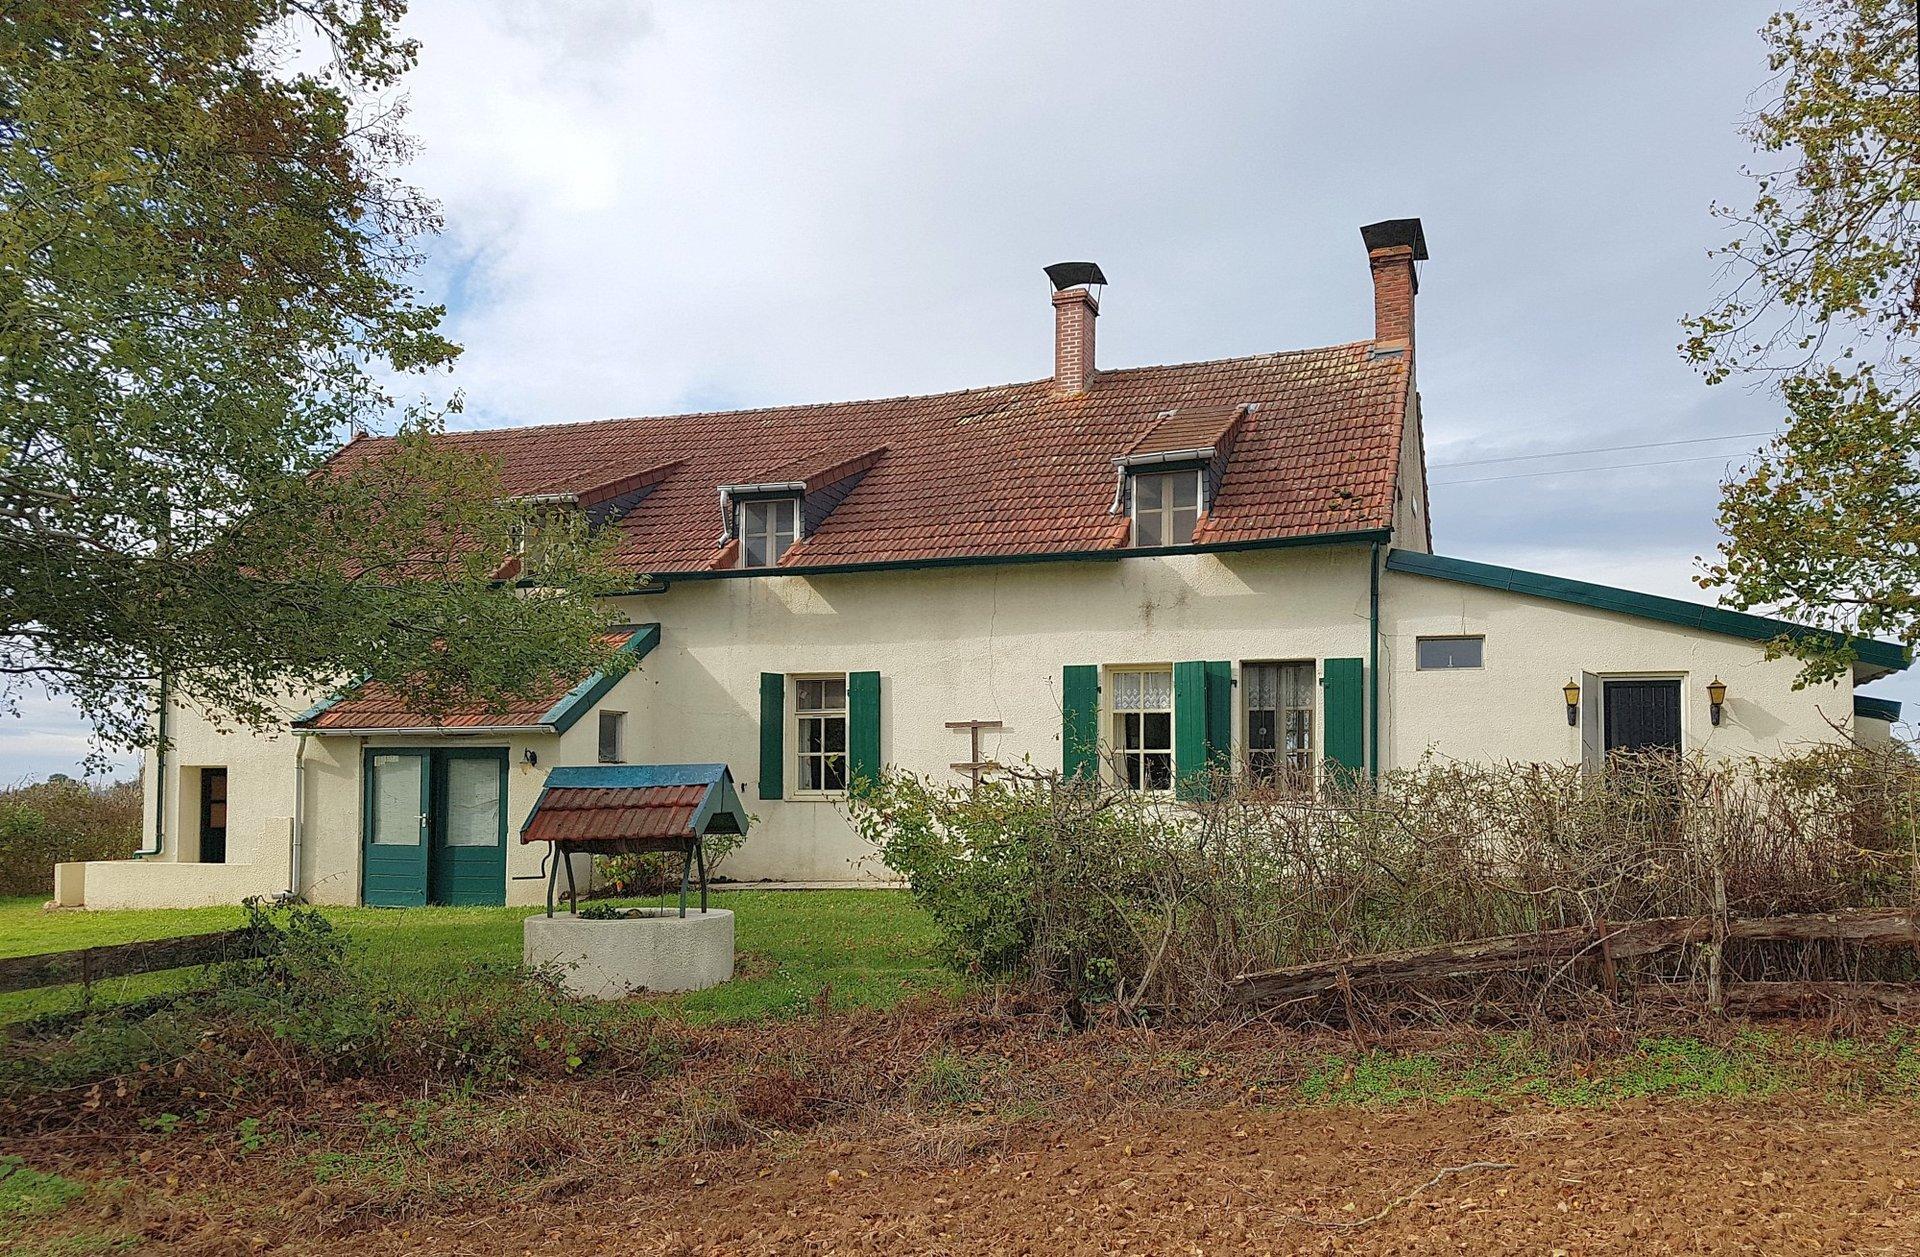 Proche Chateaumeillant, Indre 36: fermette avec superbe vue